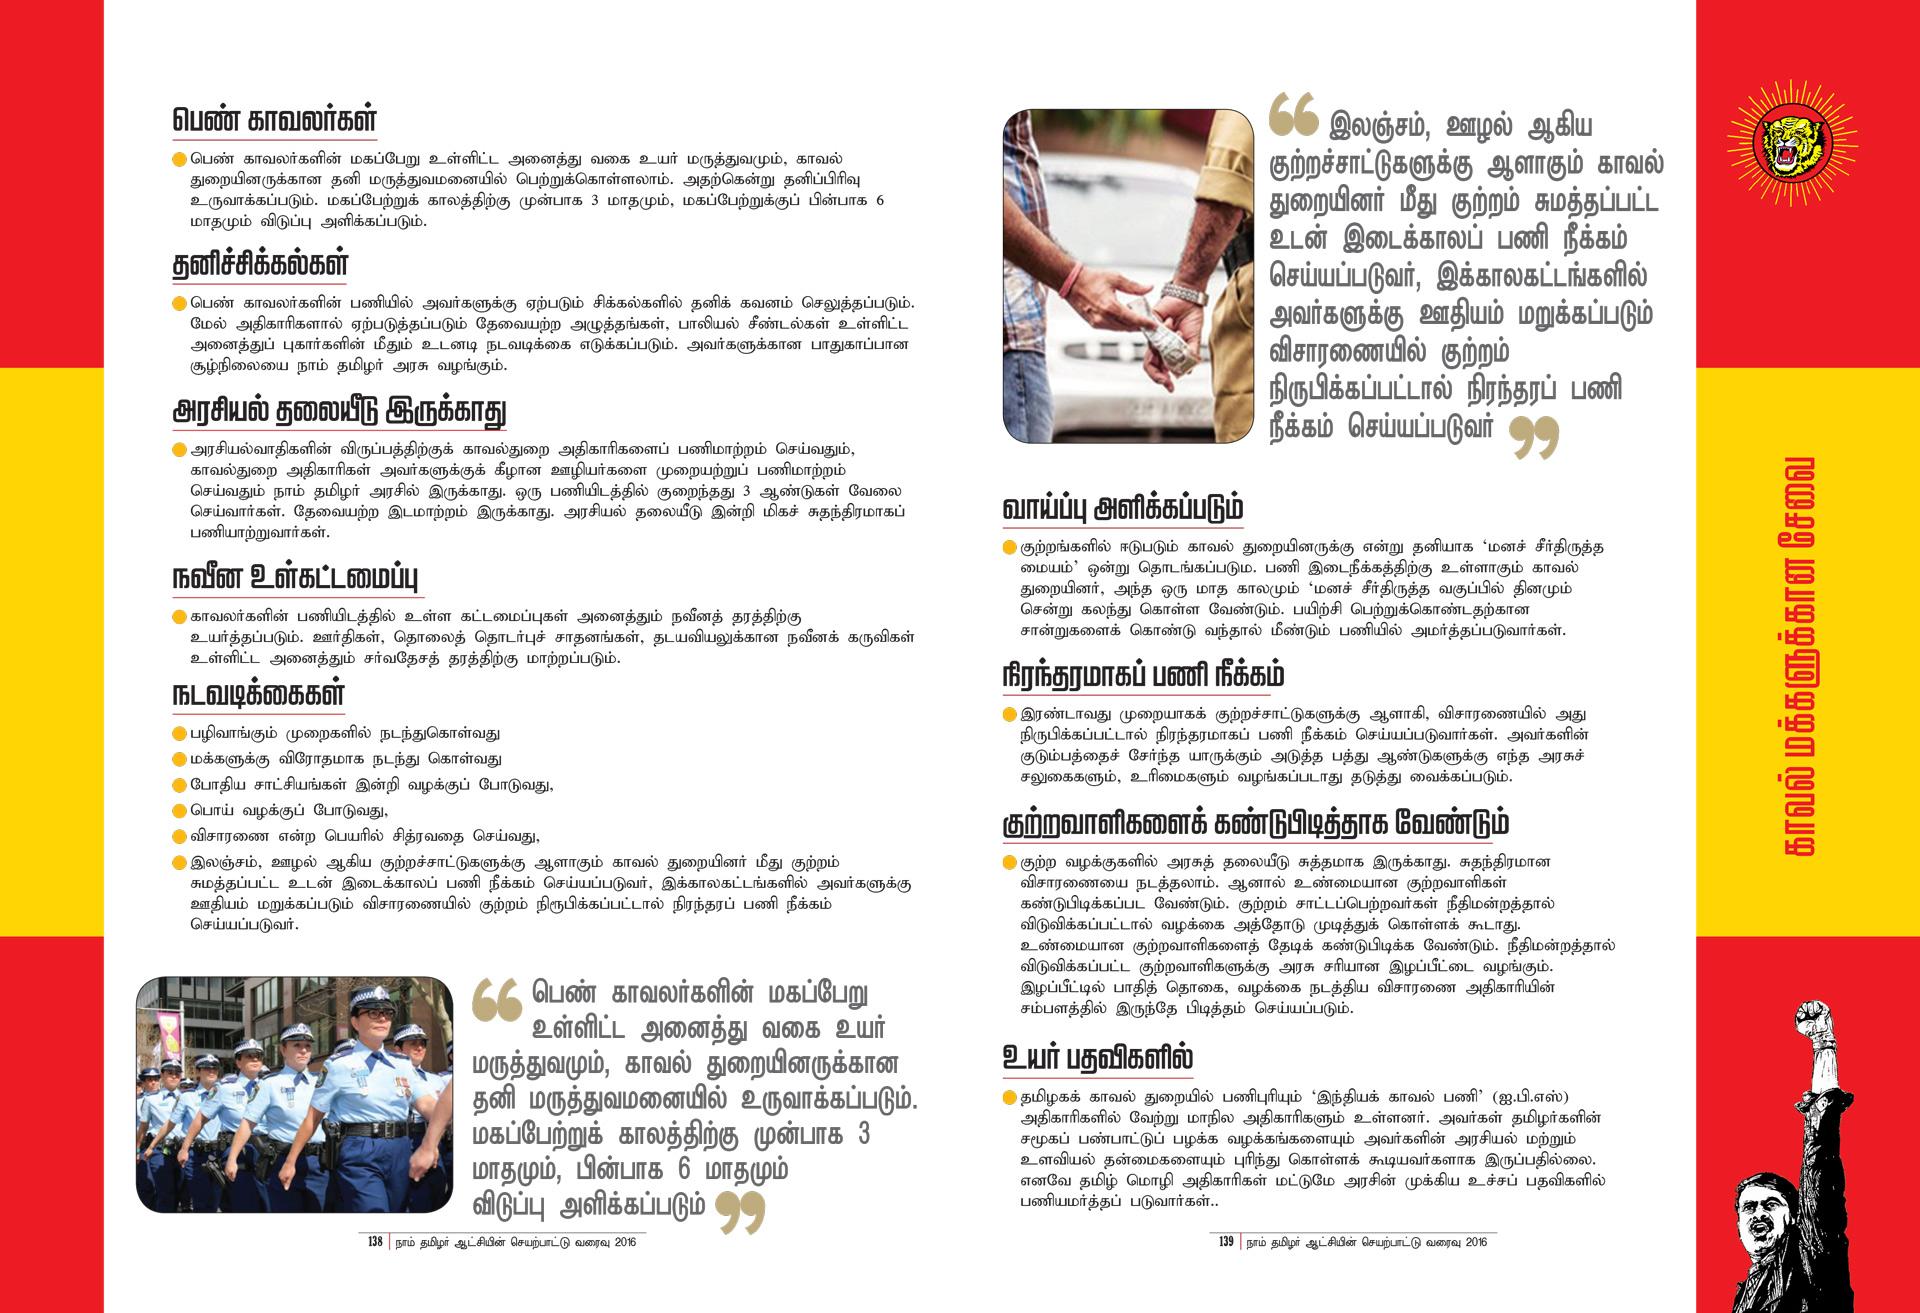 காவல் மக்களுக்கான சேவை  | நாம் தமிழர் ஆட்சியின் செயற்பாட்டு வரைவு | மக்களரசு naam tamilar katchi seyarpattu varaivu 2016 police dept corruption bribary seeman policy